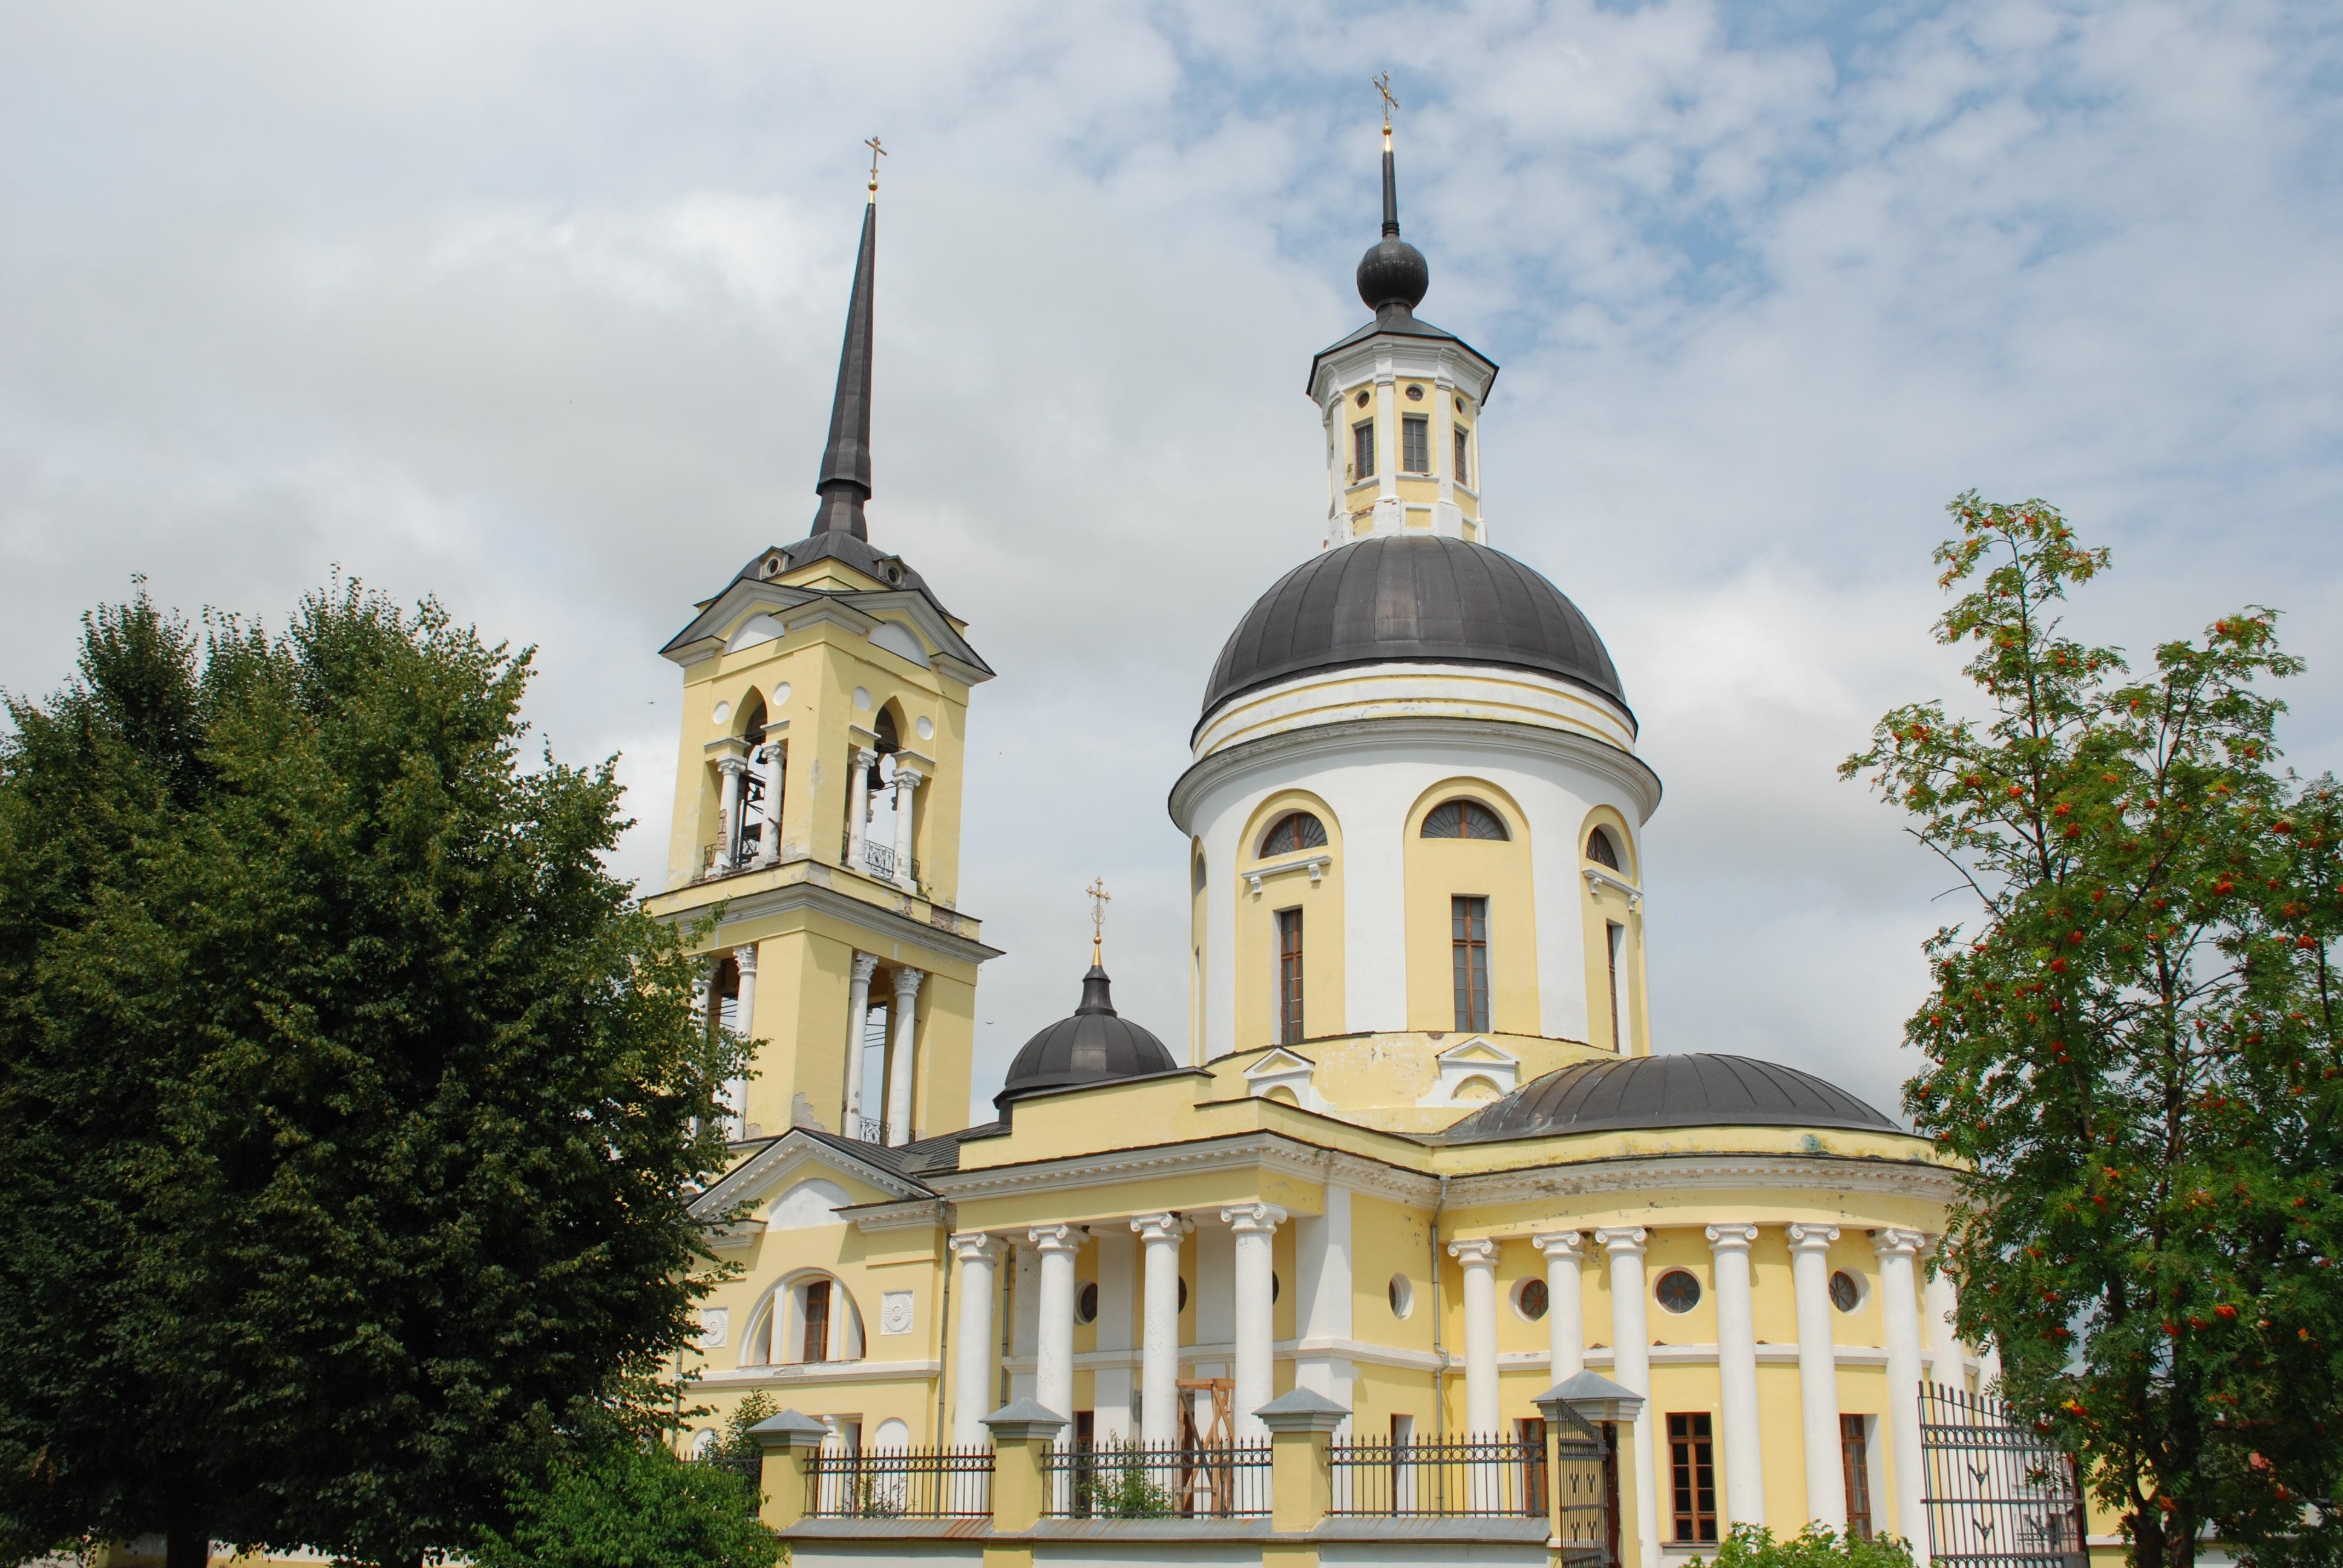 Москва Мосальск ритуальные услуги перевозка гроба.